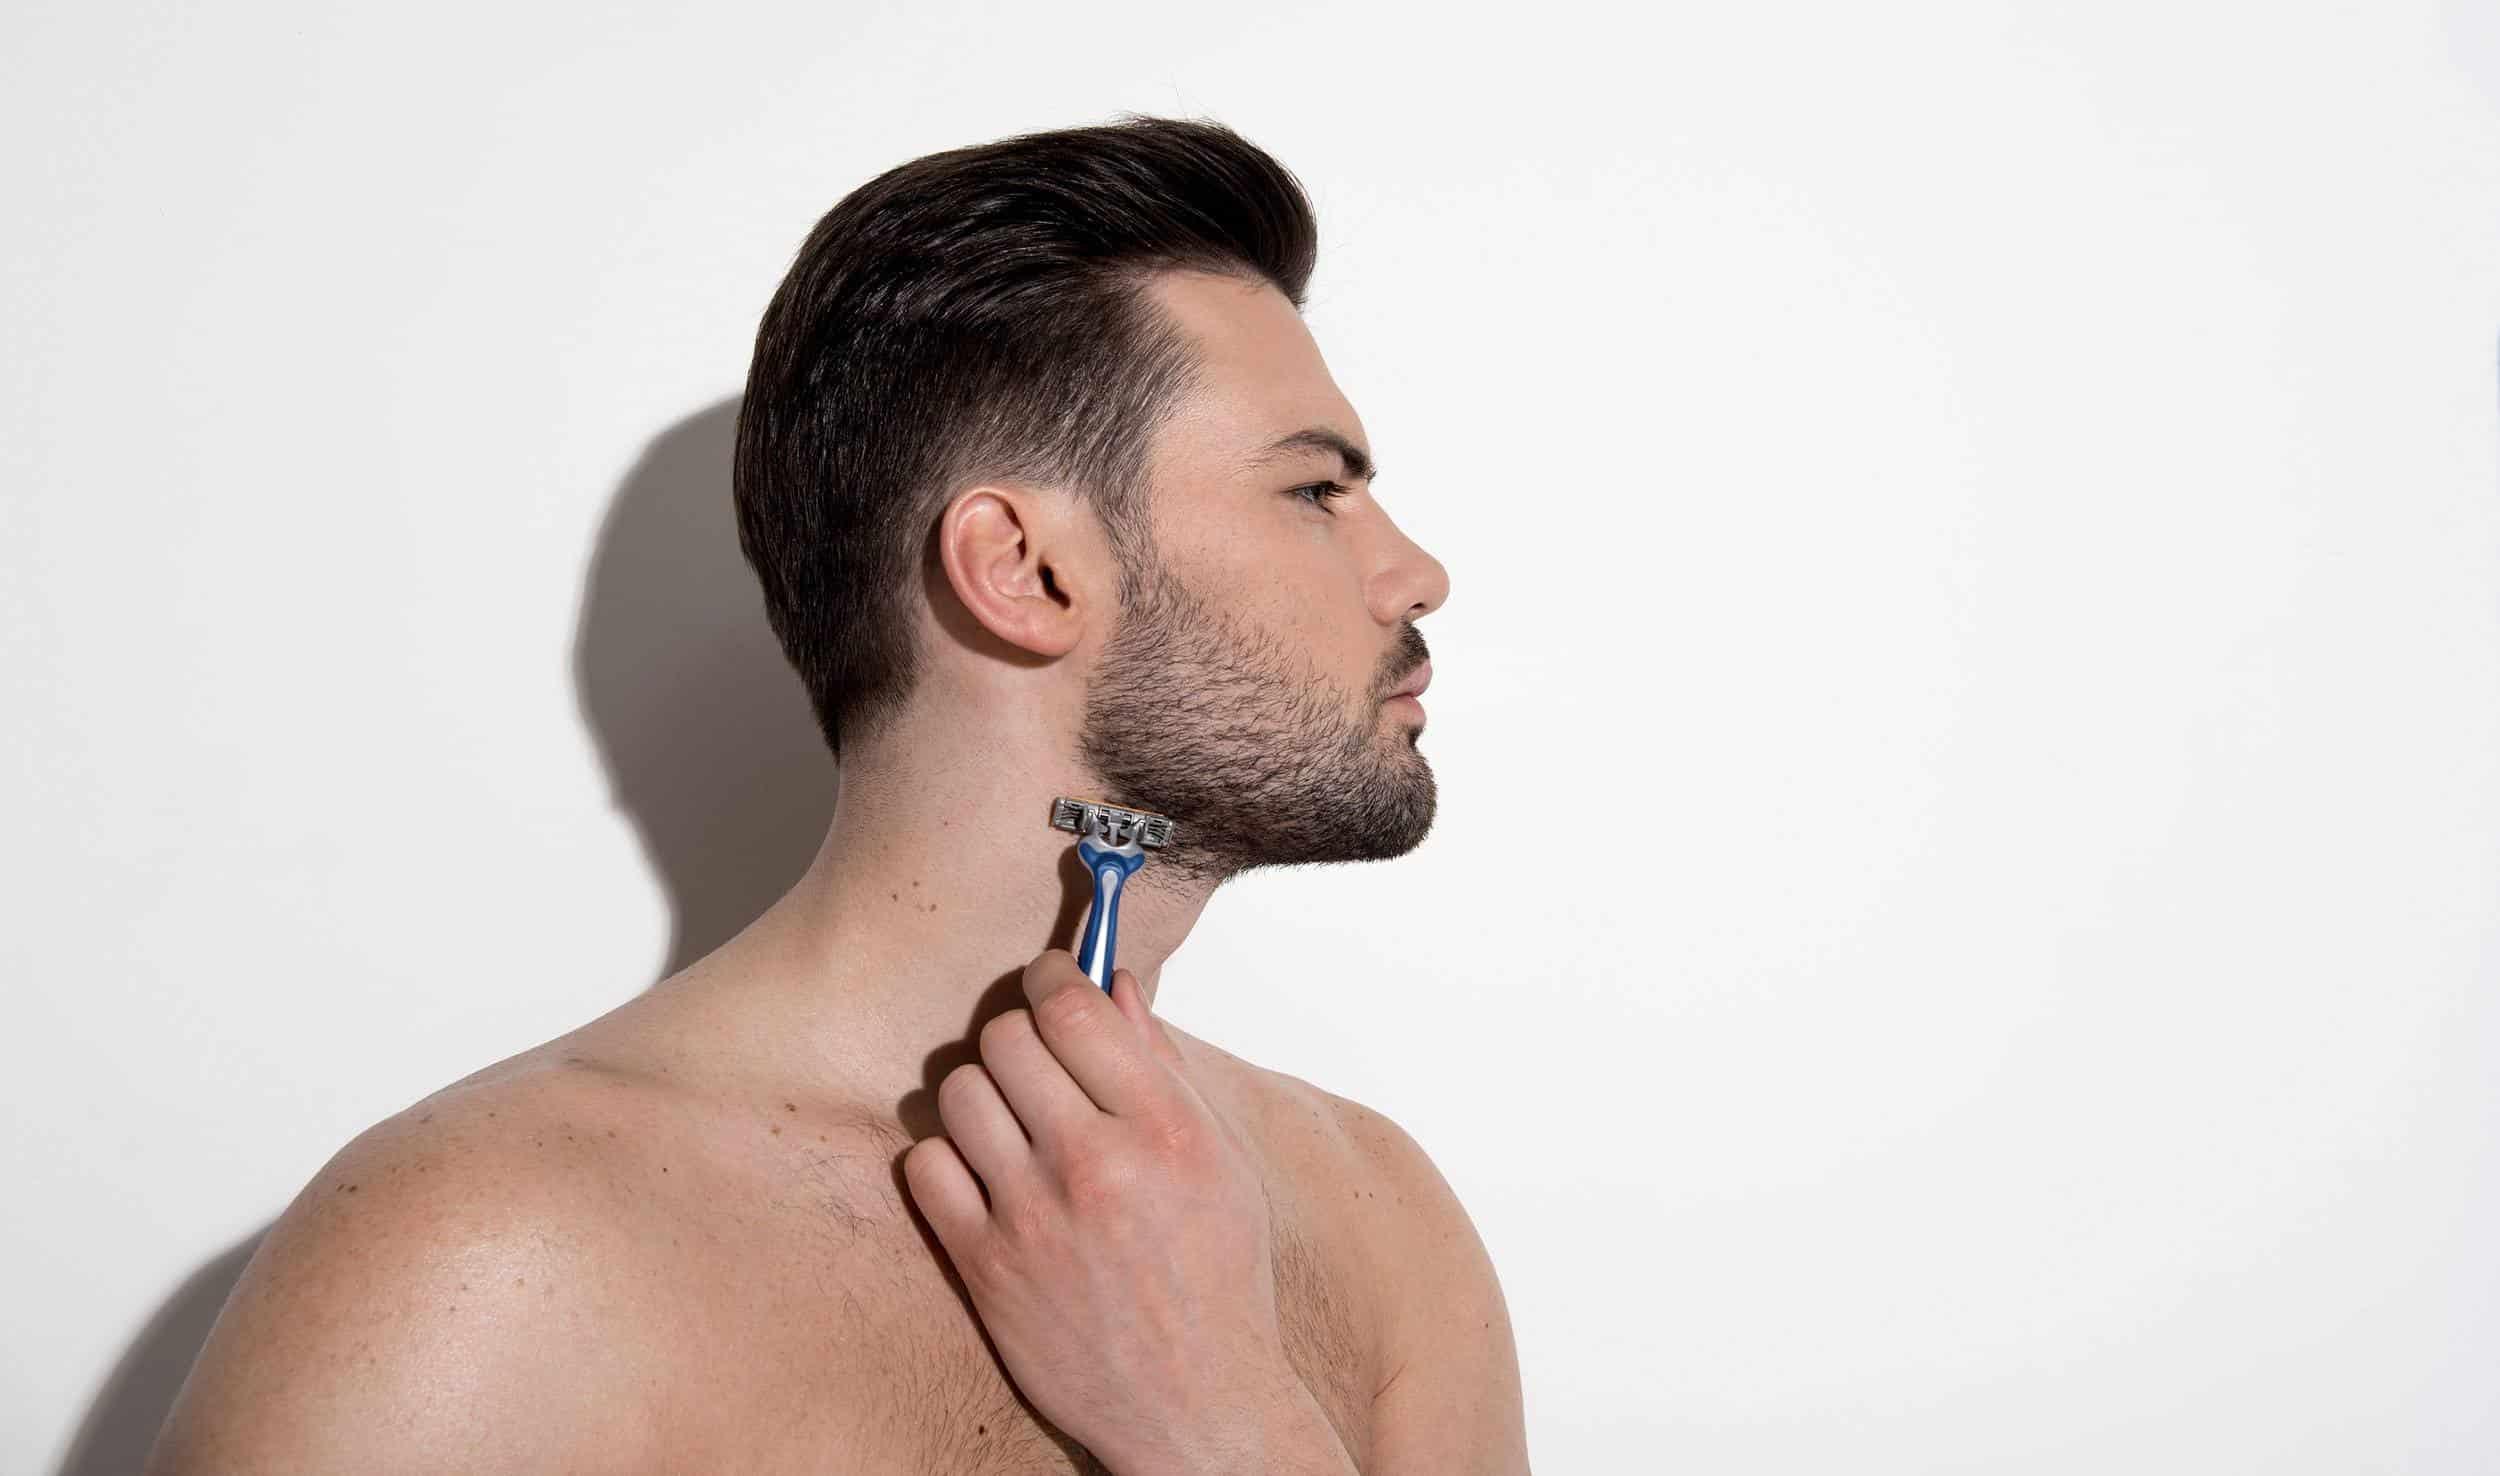 Trim Your Facial Hair